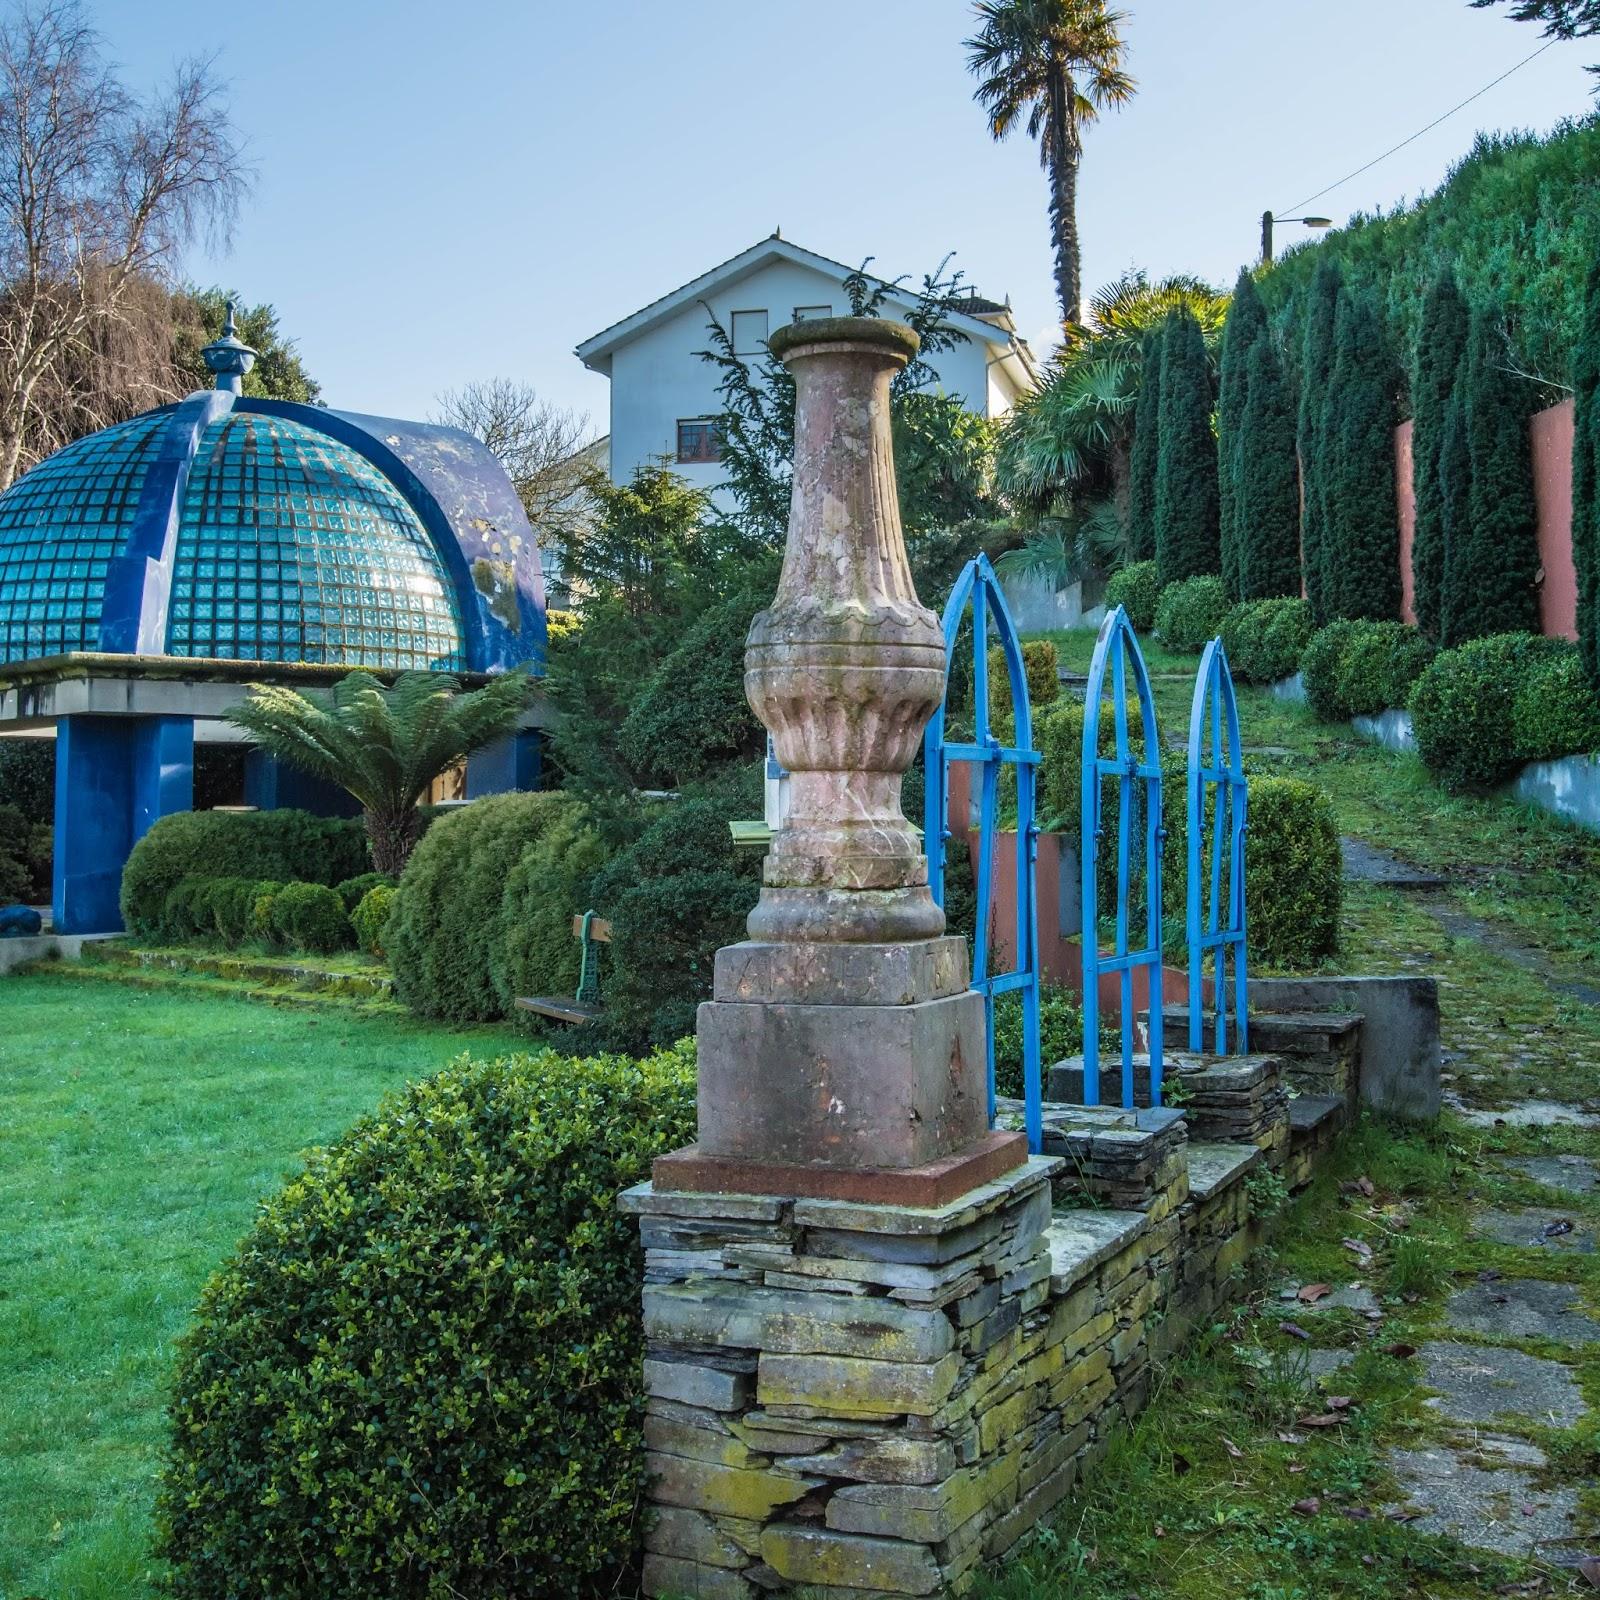 Fotografia y filatelia ii jardines de la fonte baixa for Jardines de la fonte baixa